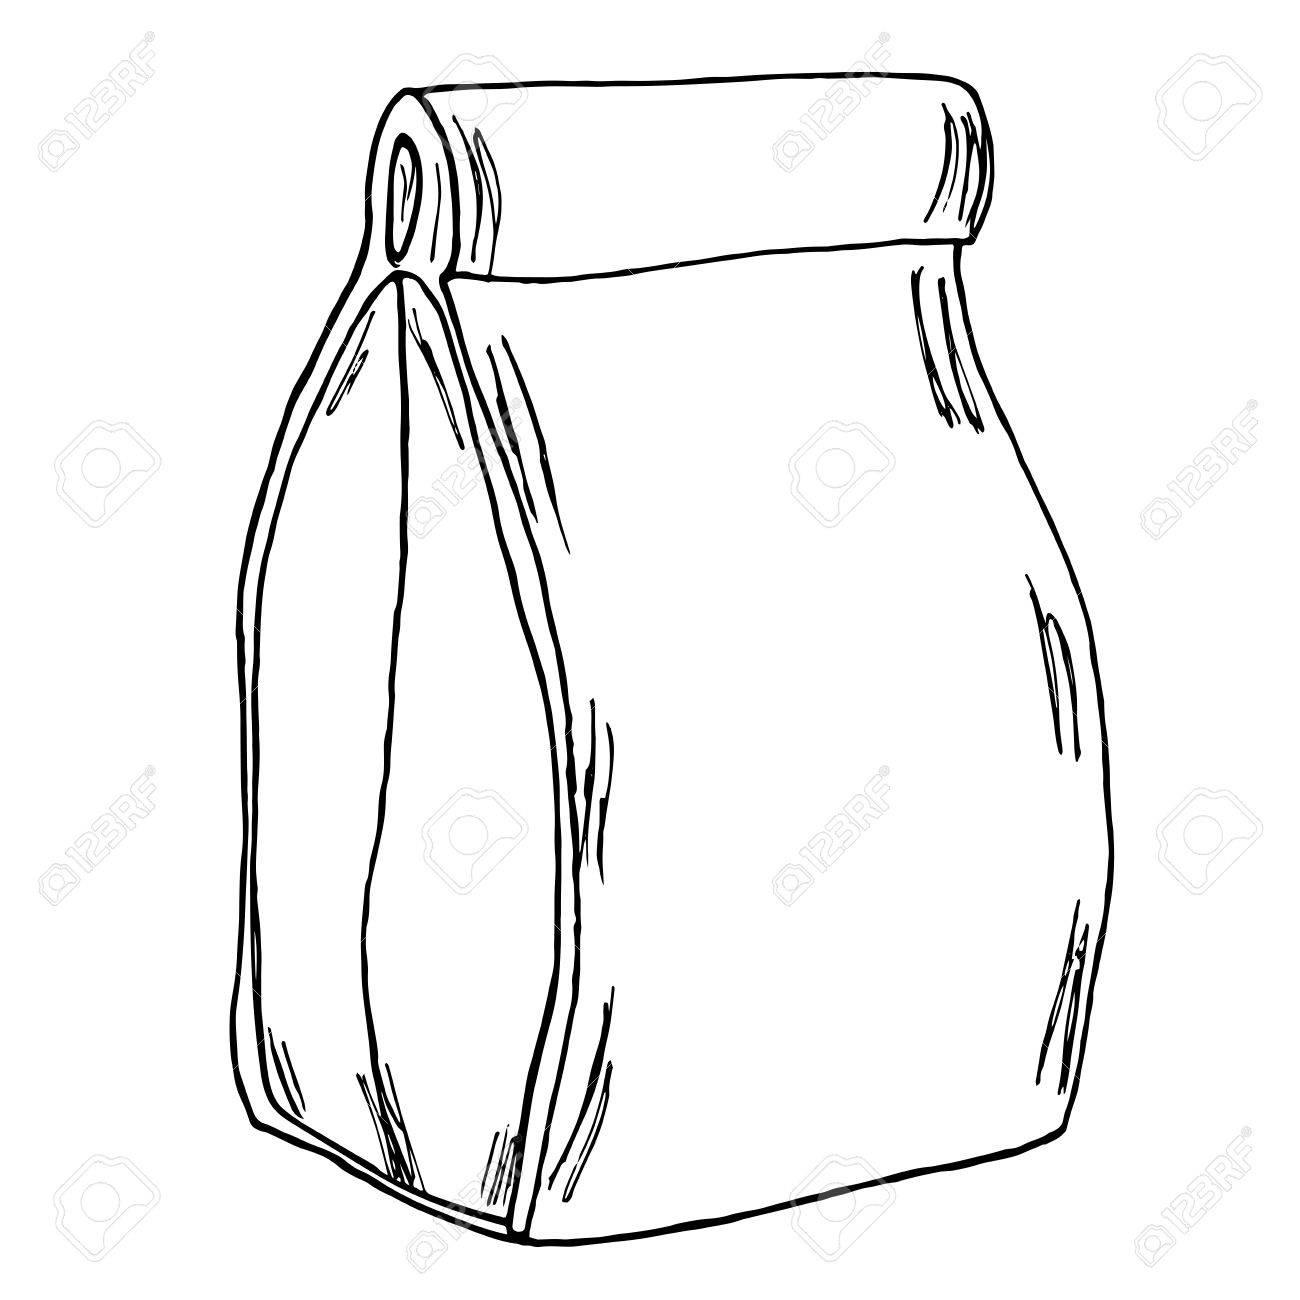 Paper Bag Drawing At Getdrawings